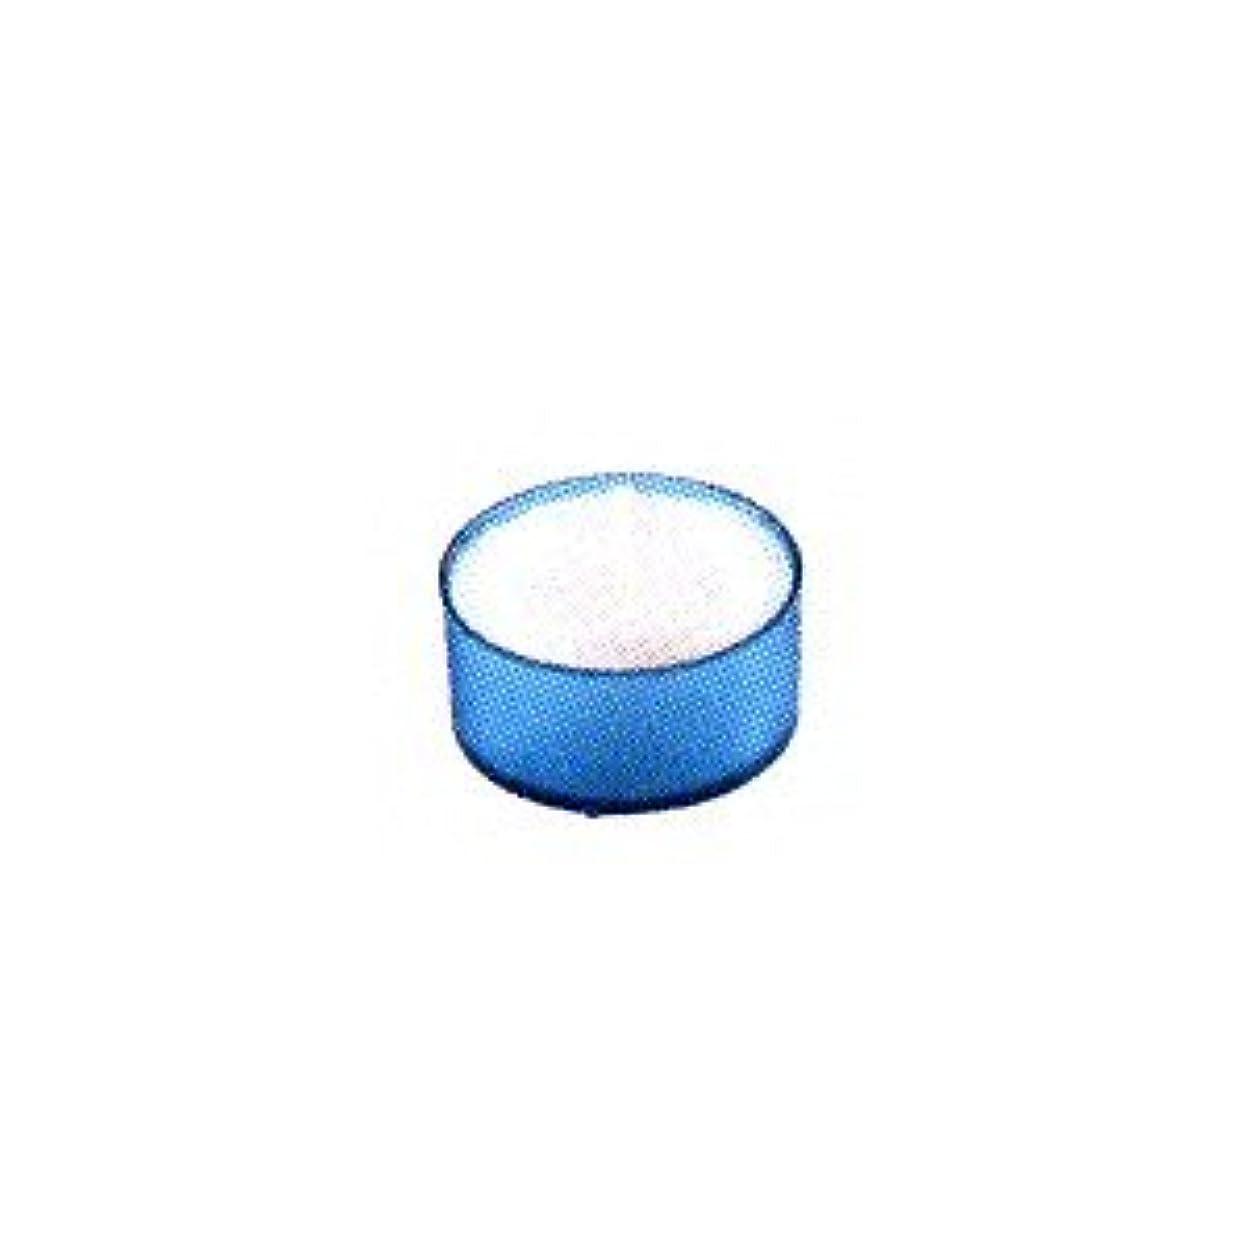 一握り米国マネージャーカメヤマキャンドル カラークリアカップ ティーライト ブルー 24個入